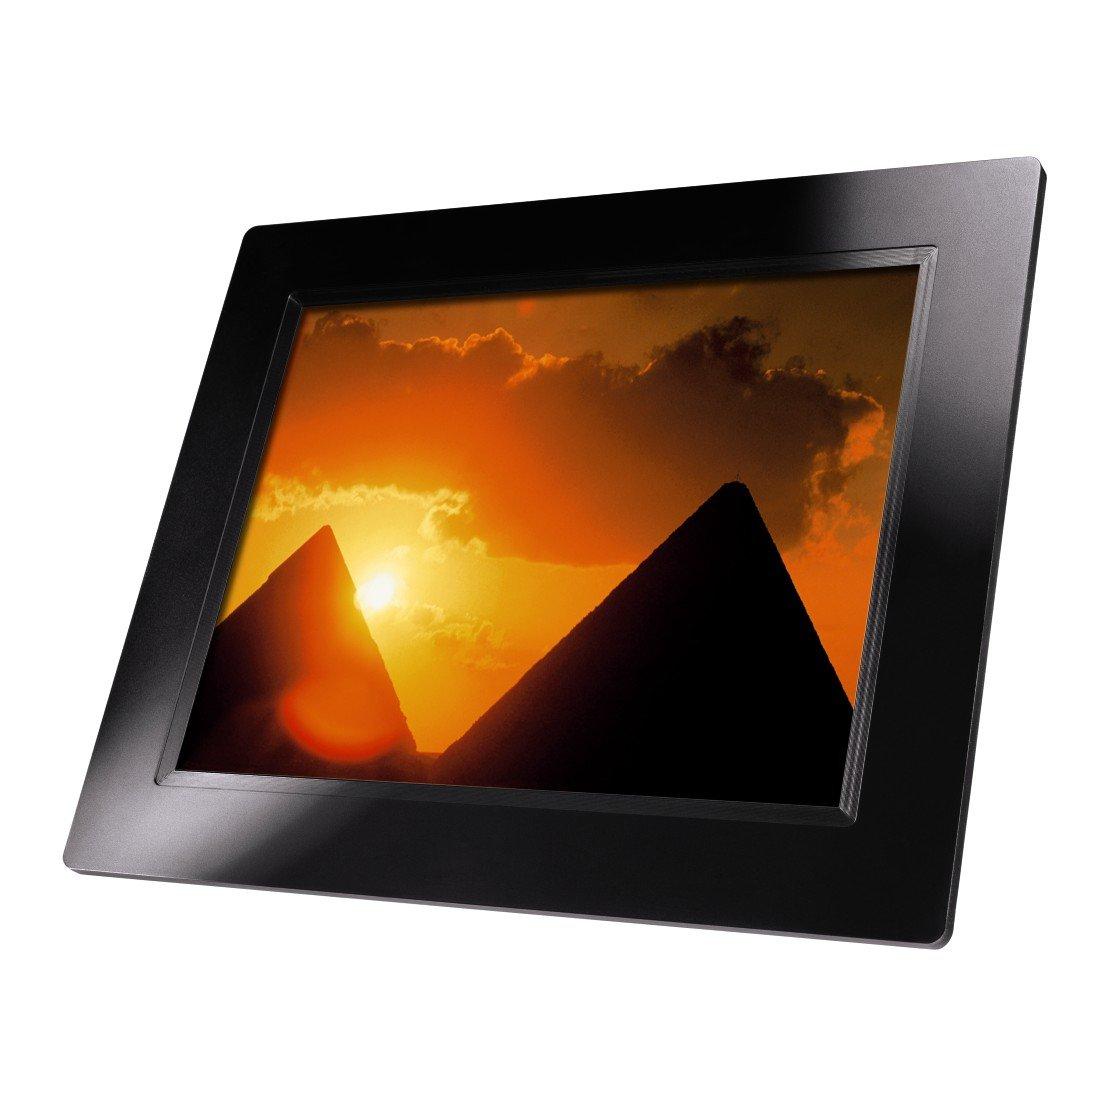 Hama New Premium Digitaler Bilderrahmen bis 20,3 cm